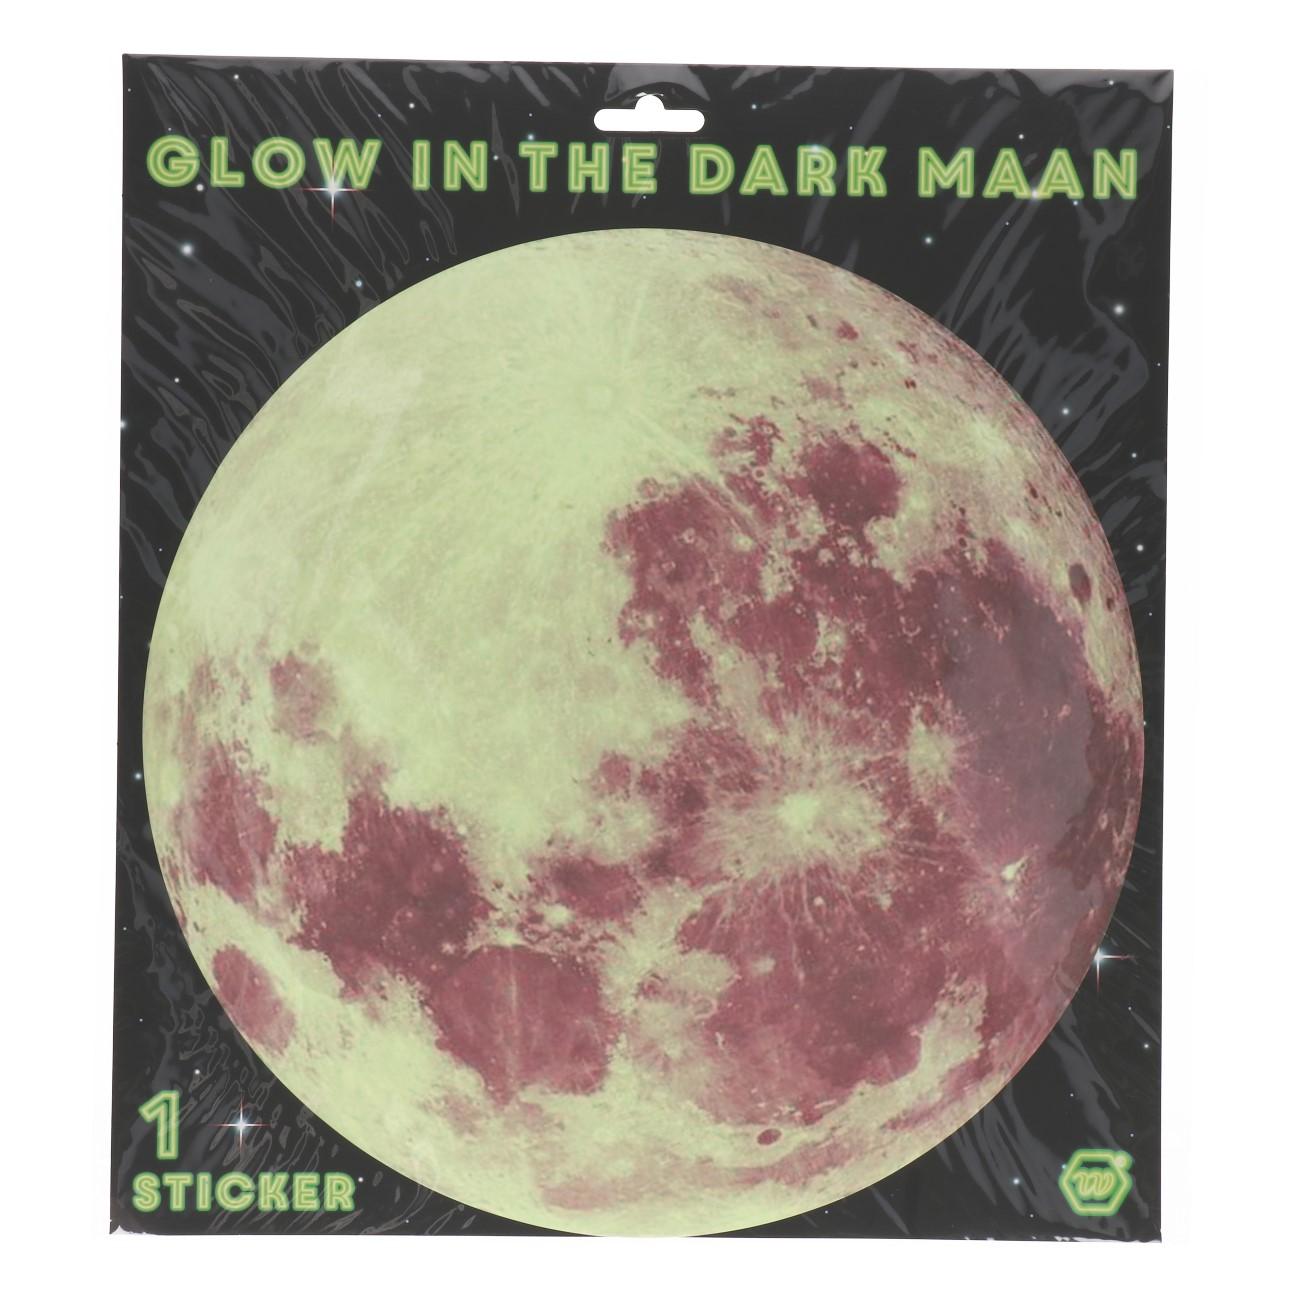 Maan glow in the dark